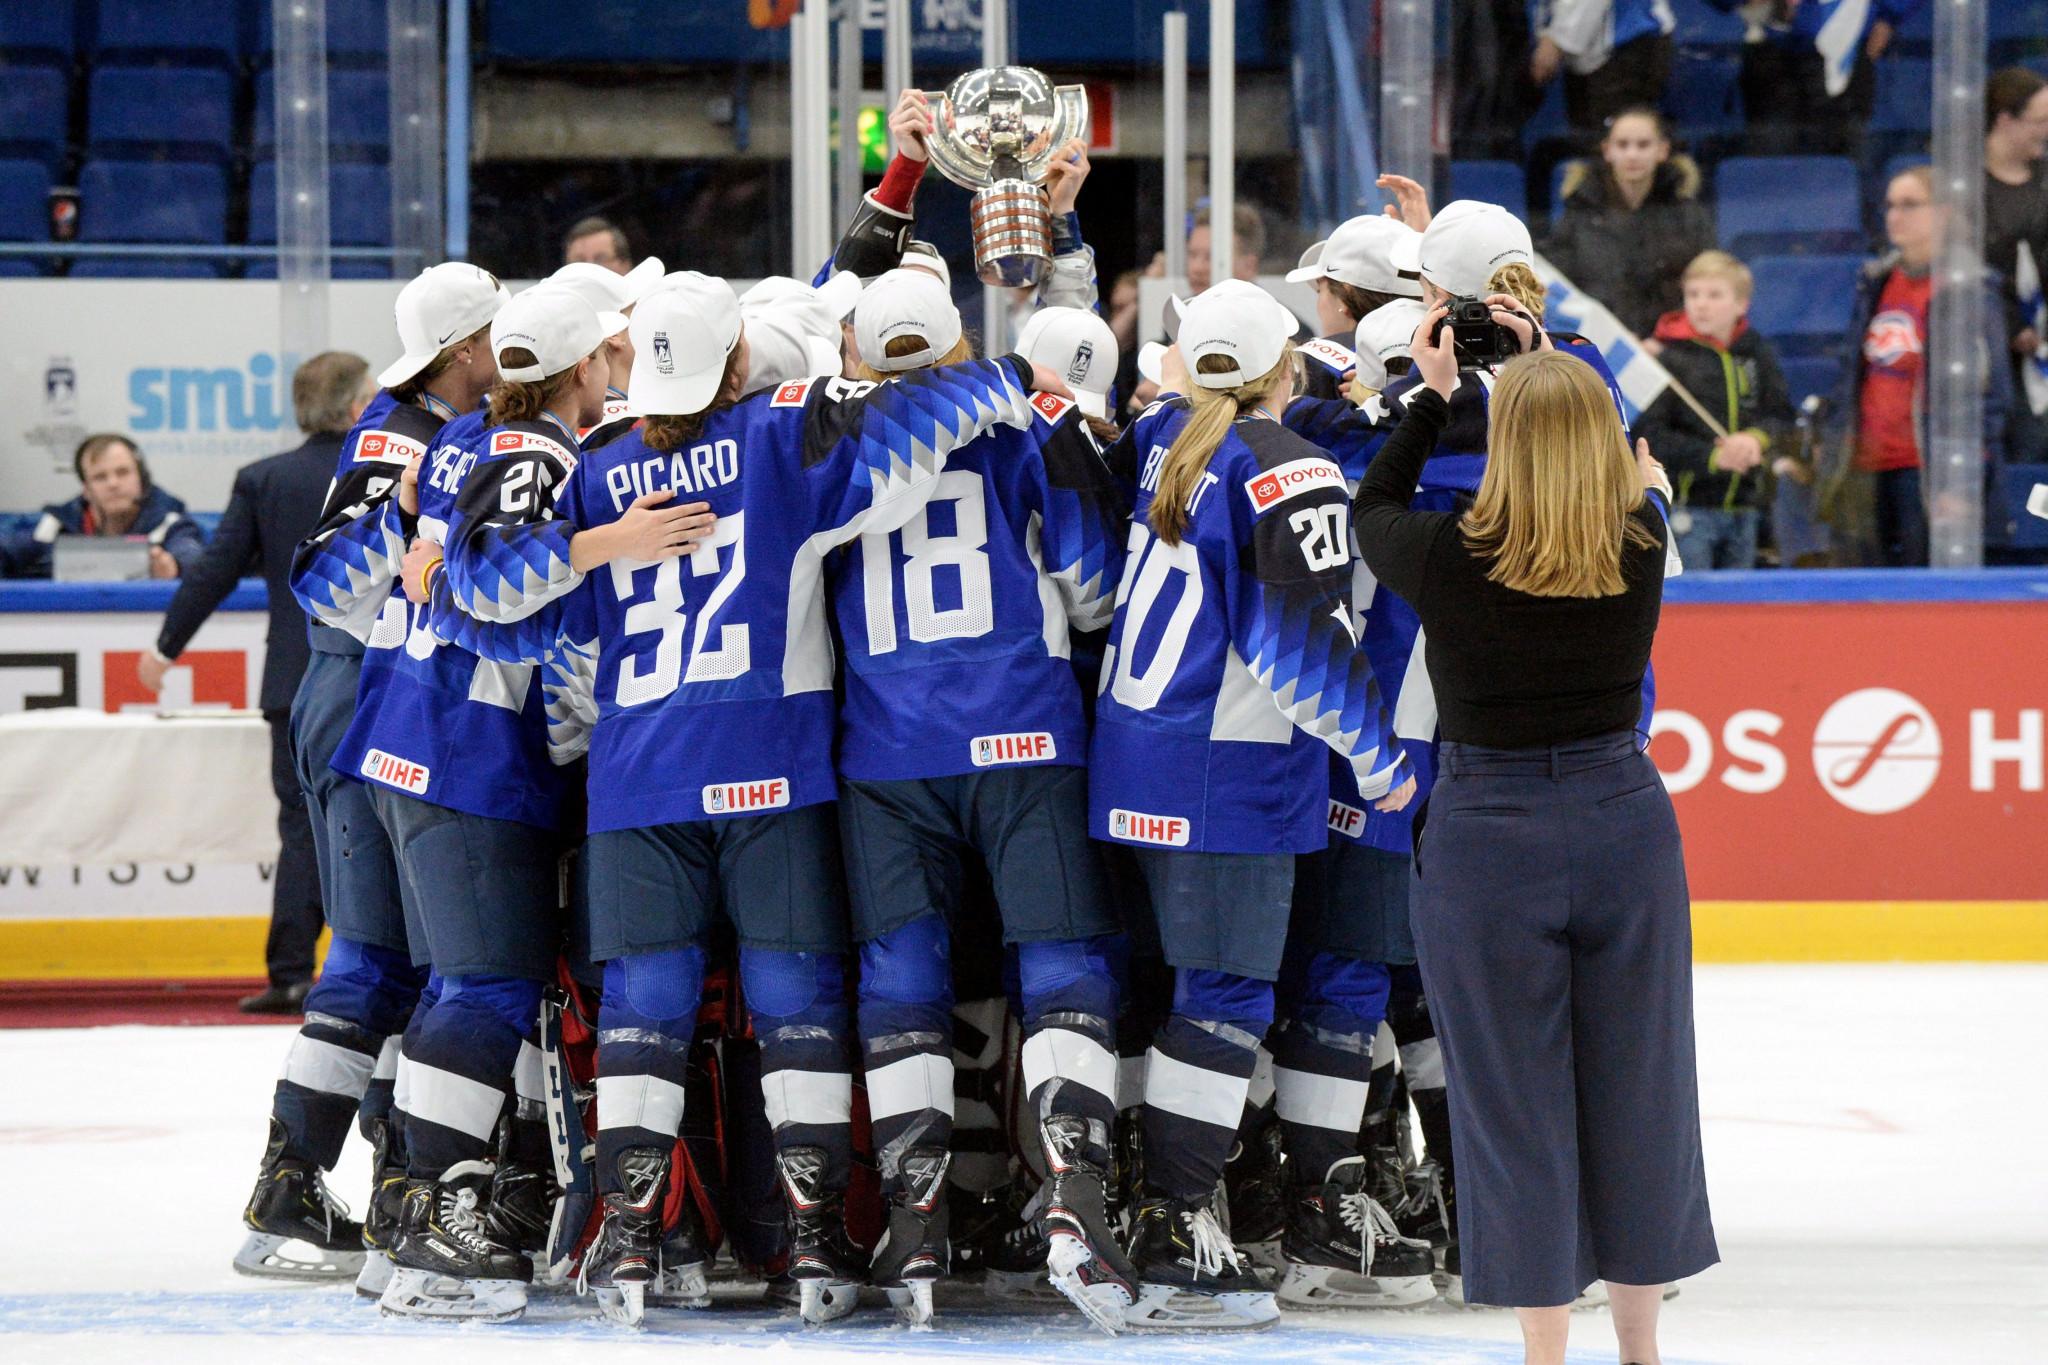 Women's World Ice Hockey Championship postponed due to coronavirus concerns